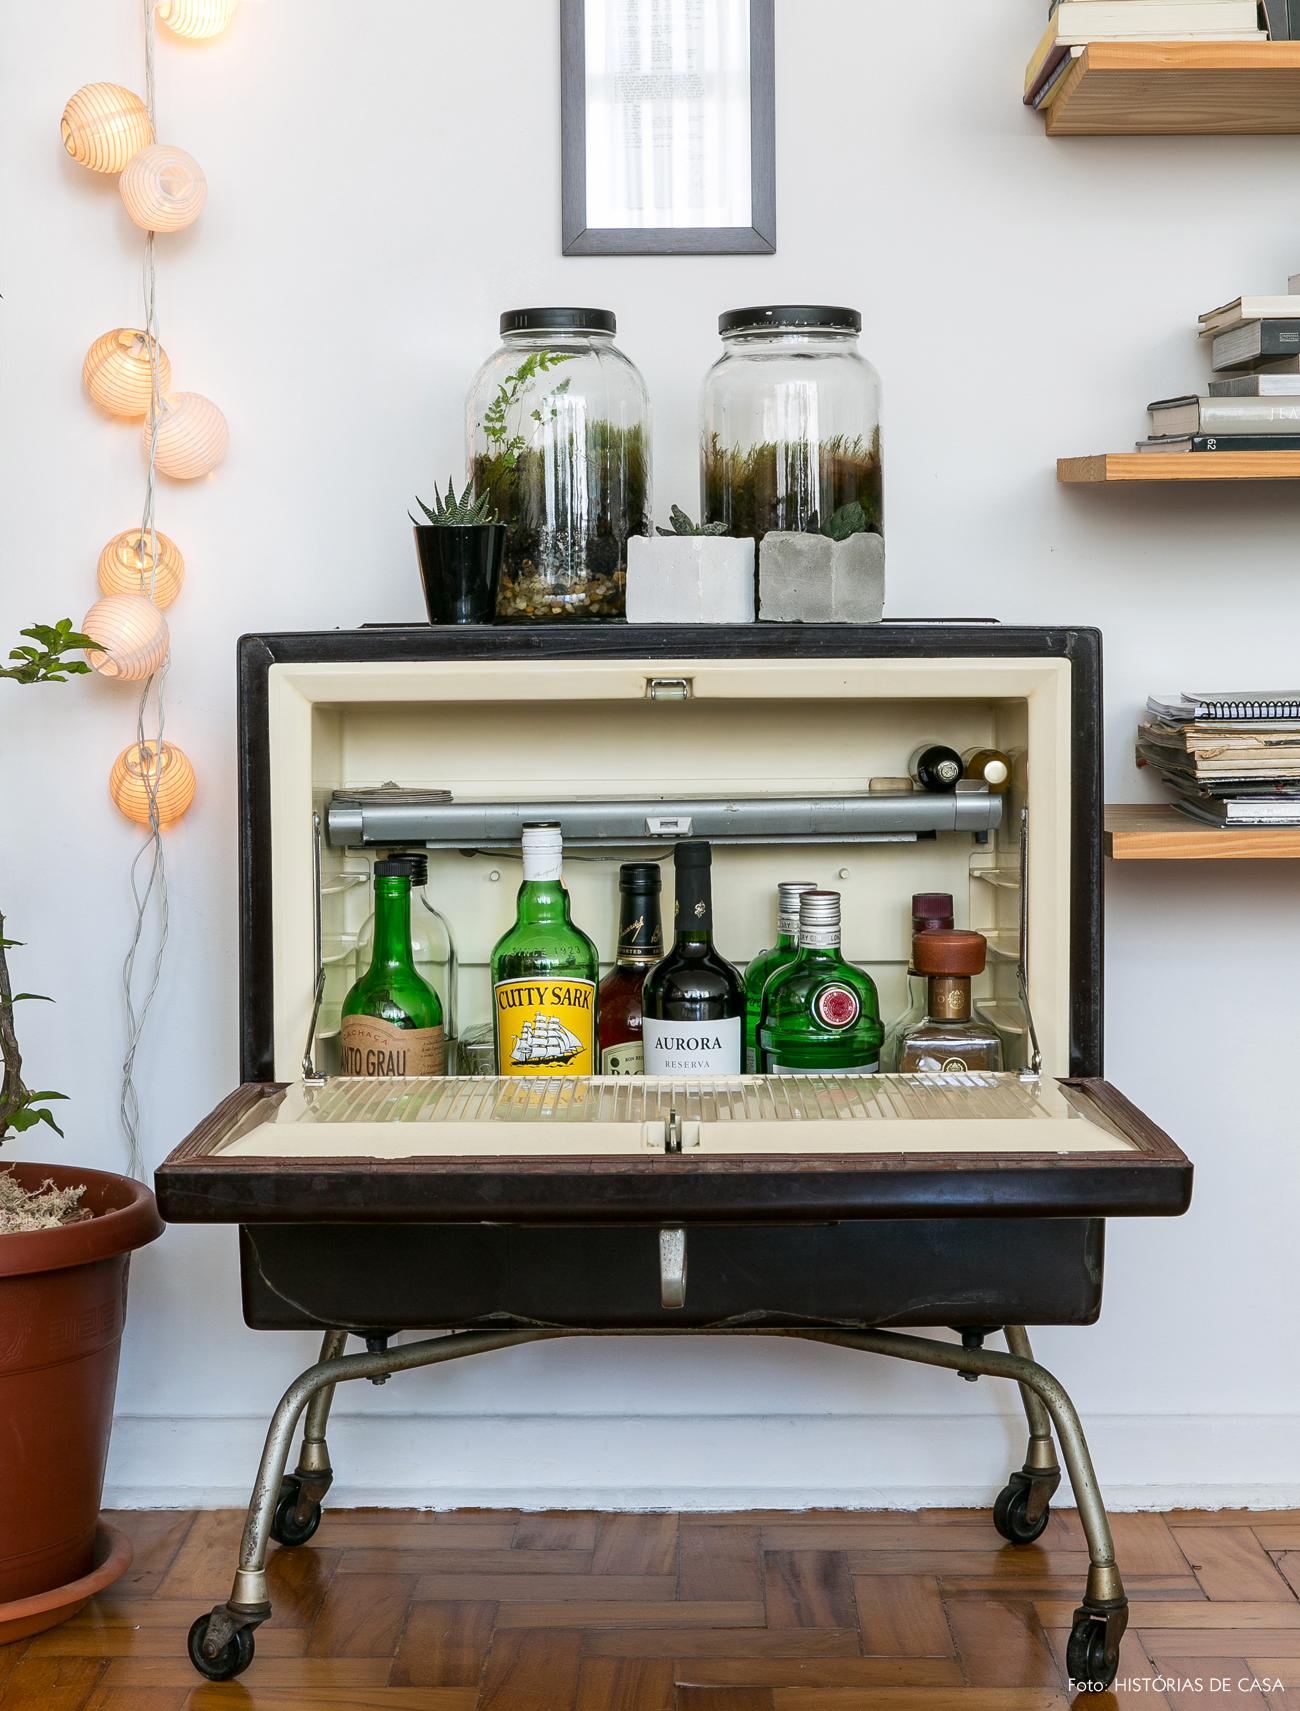 04-decoracao-vintage-antiga-funciona-como-bar-reuso